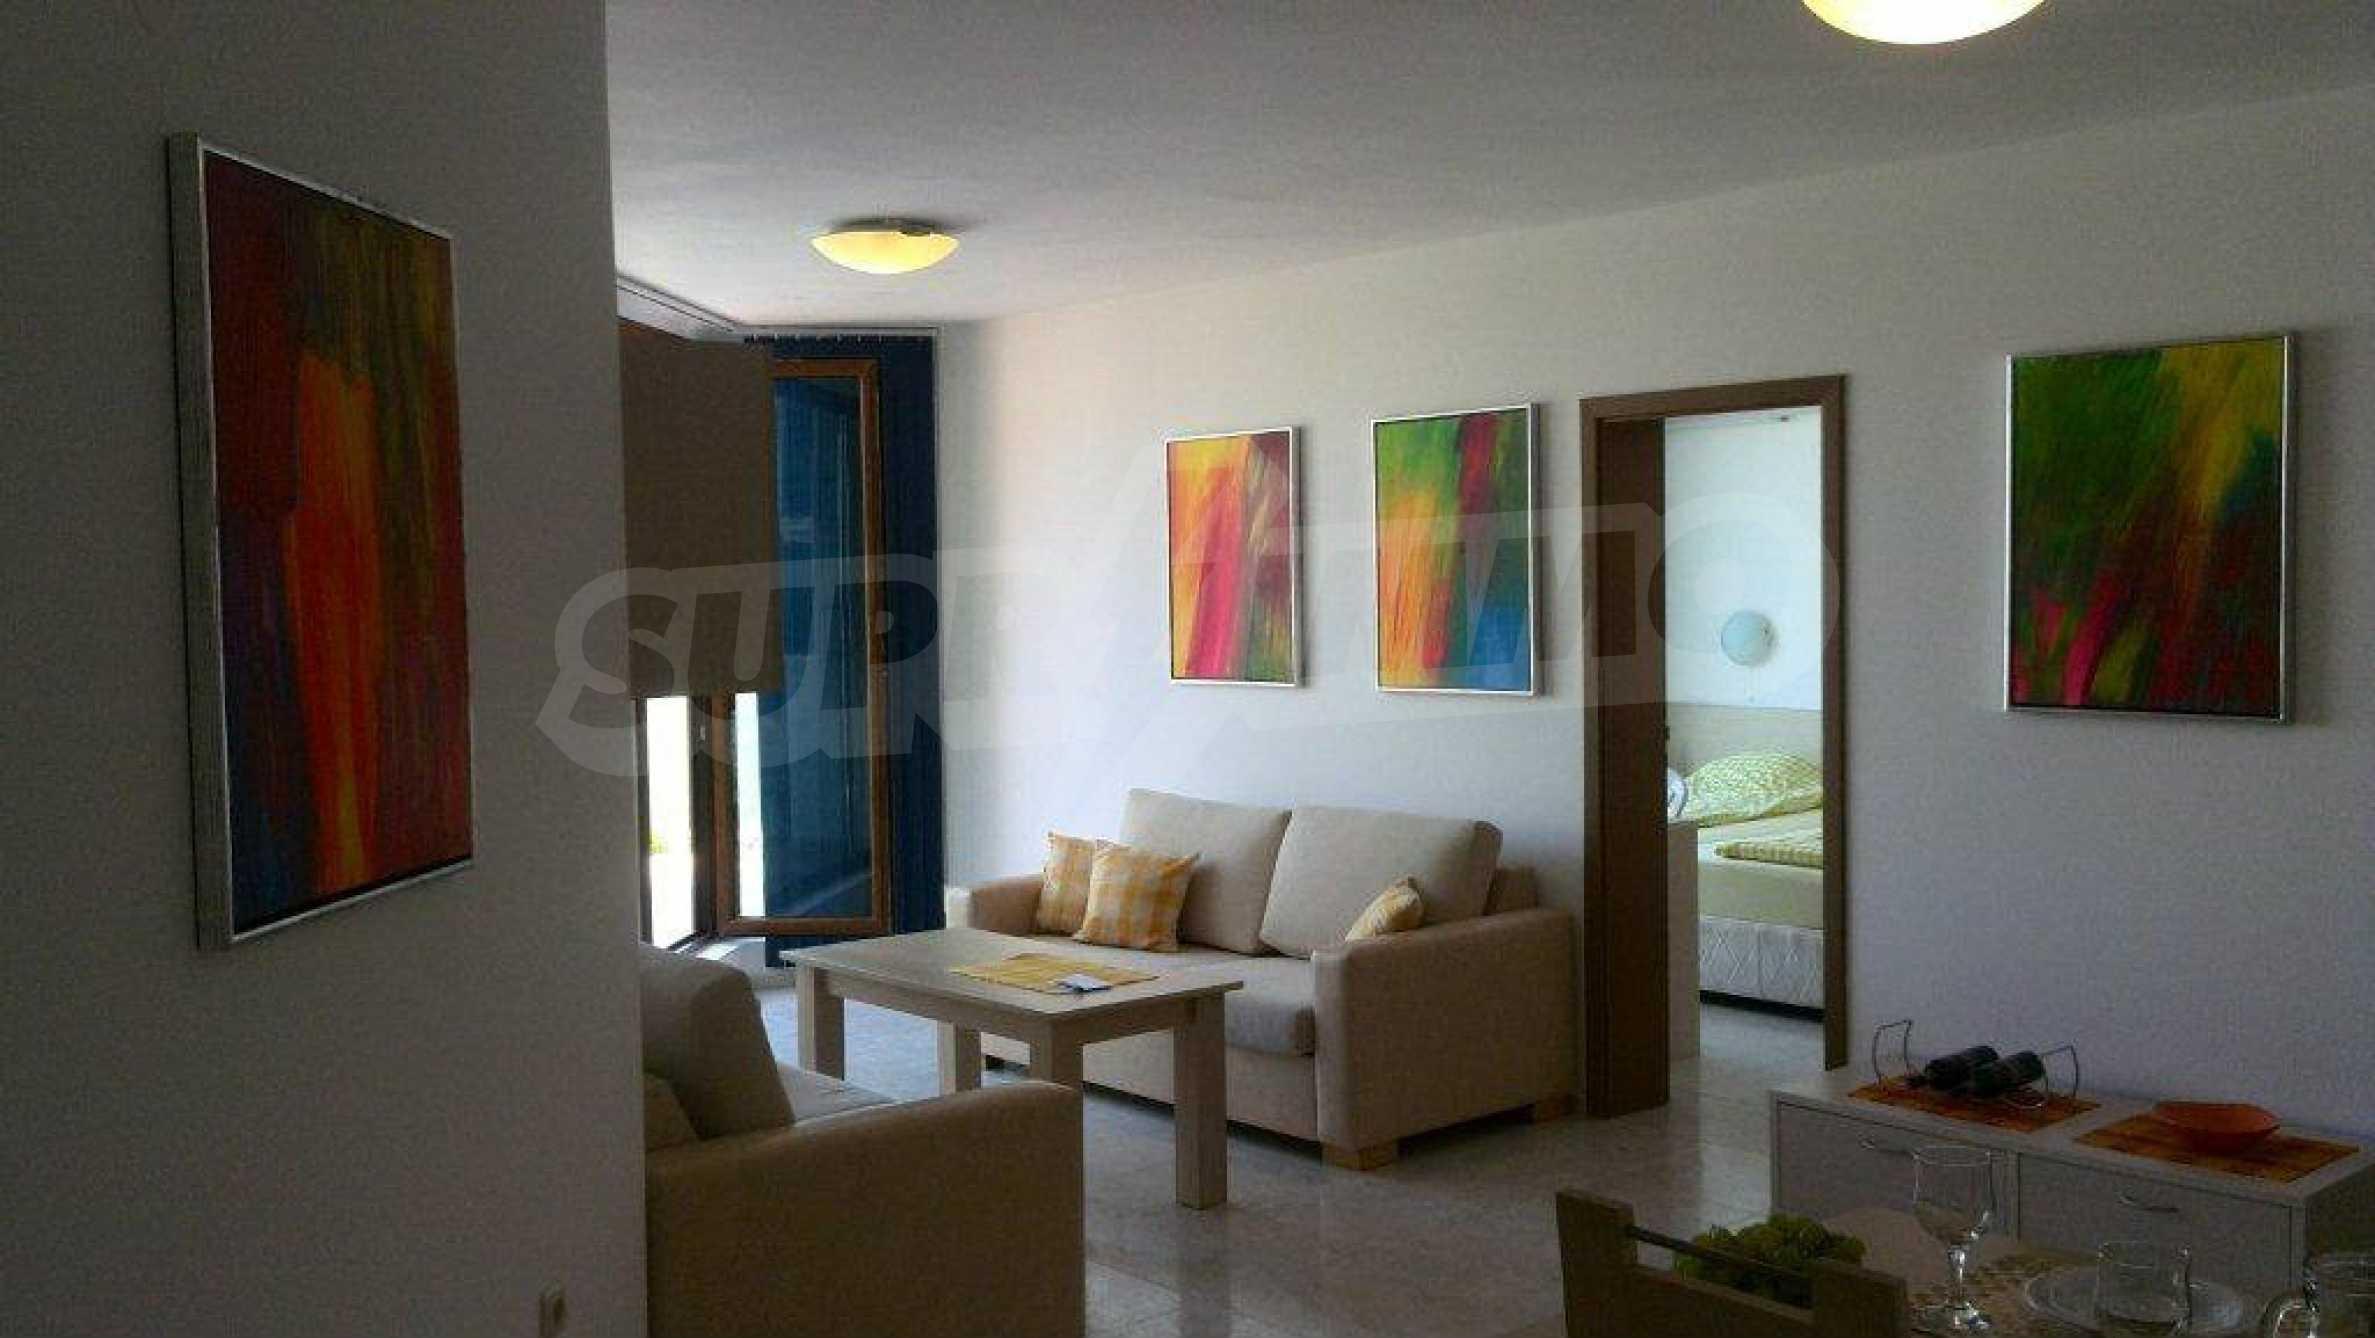 Luxus-Apartment mit zwei Schlafzimmern im Komplex Prestige City 2 in Primorsko 1